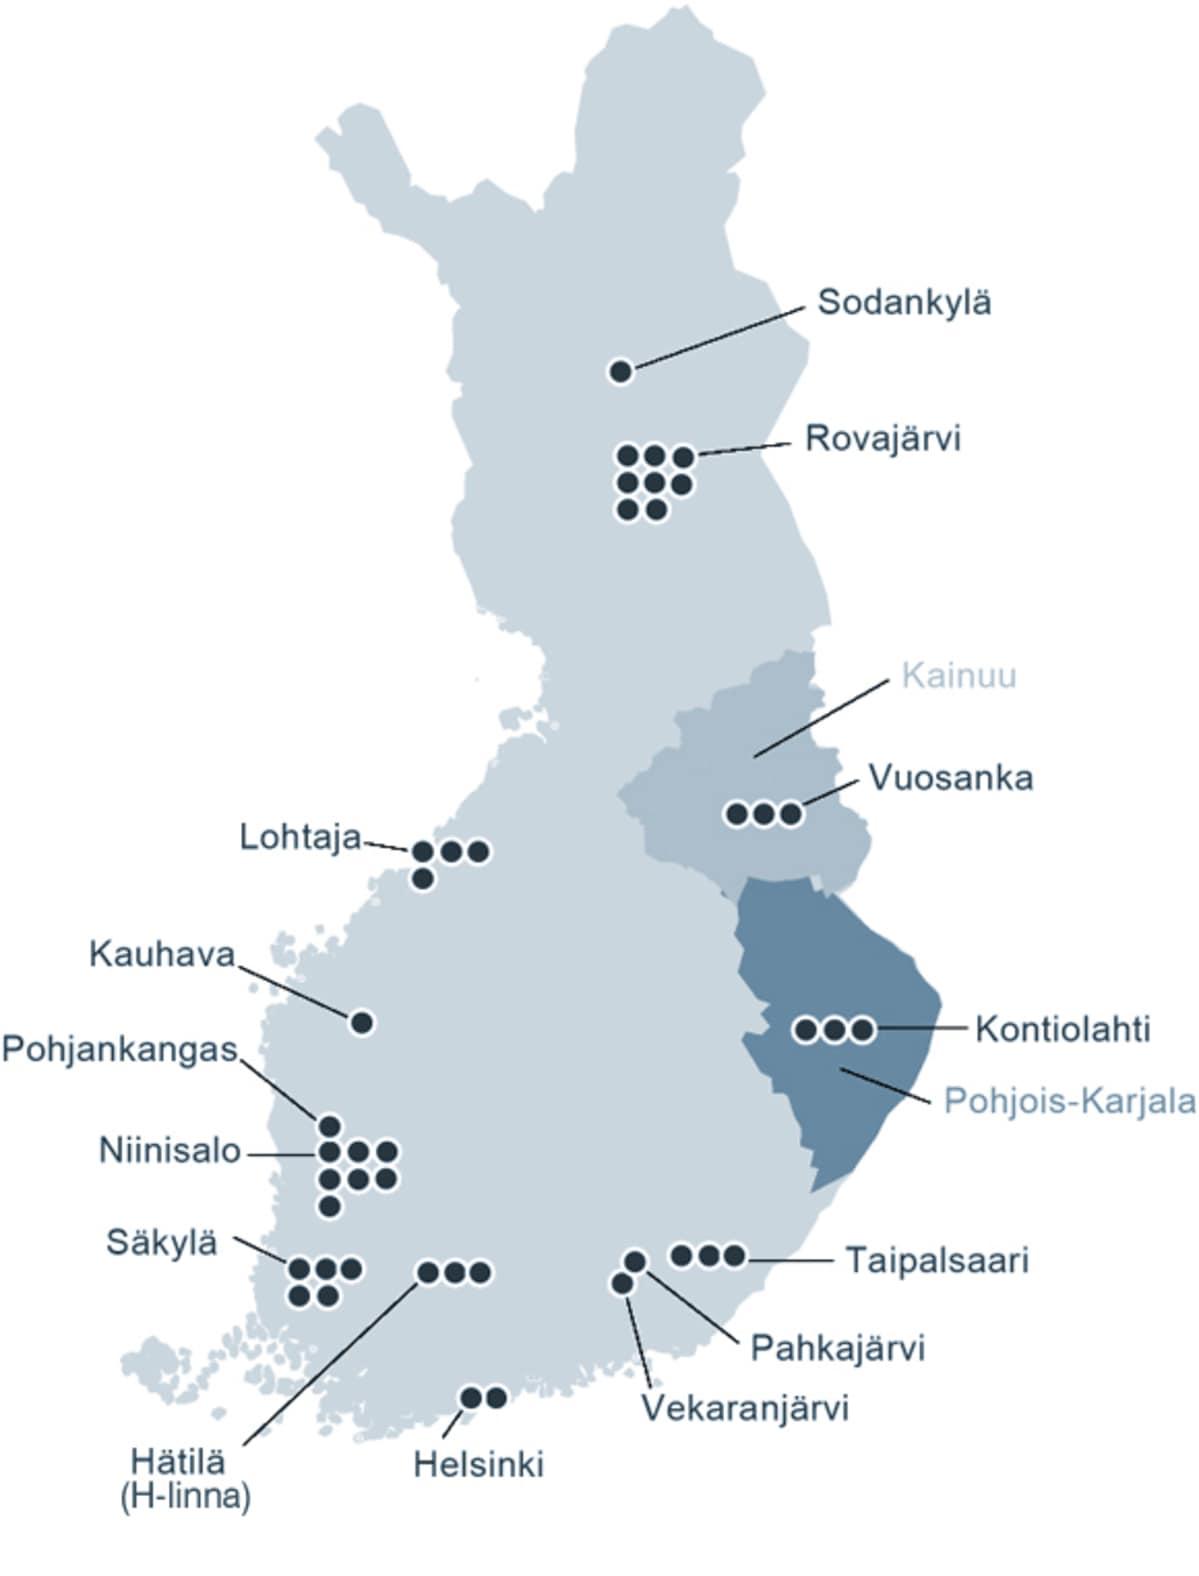 Taalla Armeija Harjoittelee Sotimista Yle Uutiset Yle Fi